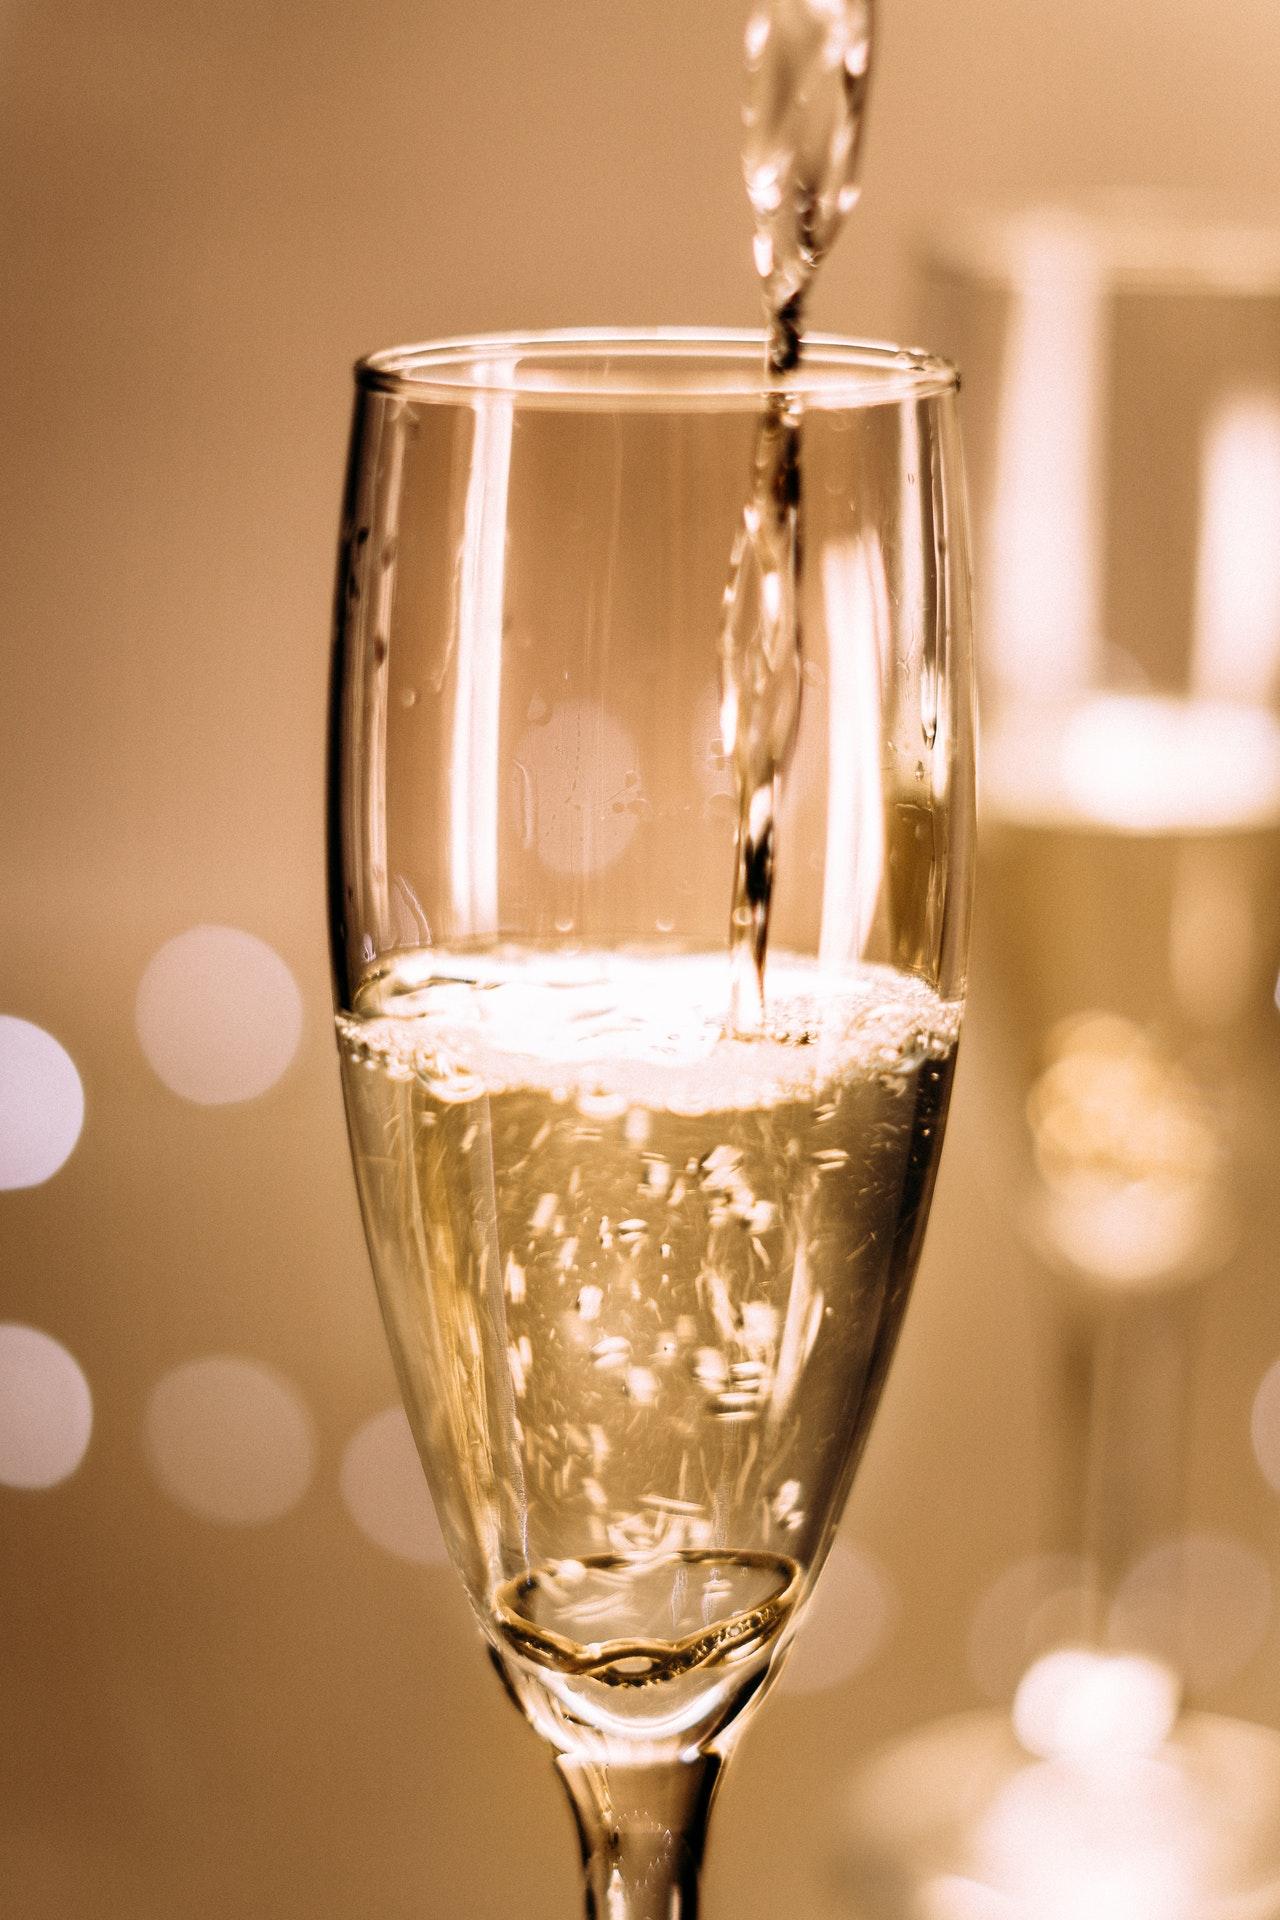 Champagnergläser haben in der Regel eine längliche Form.